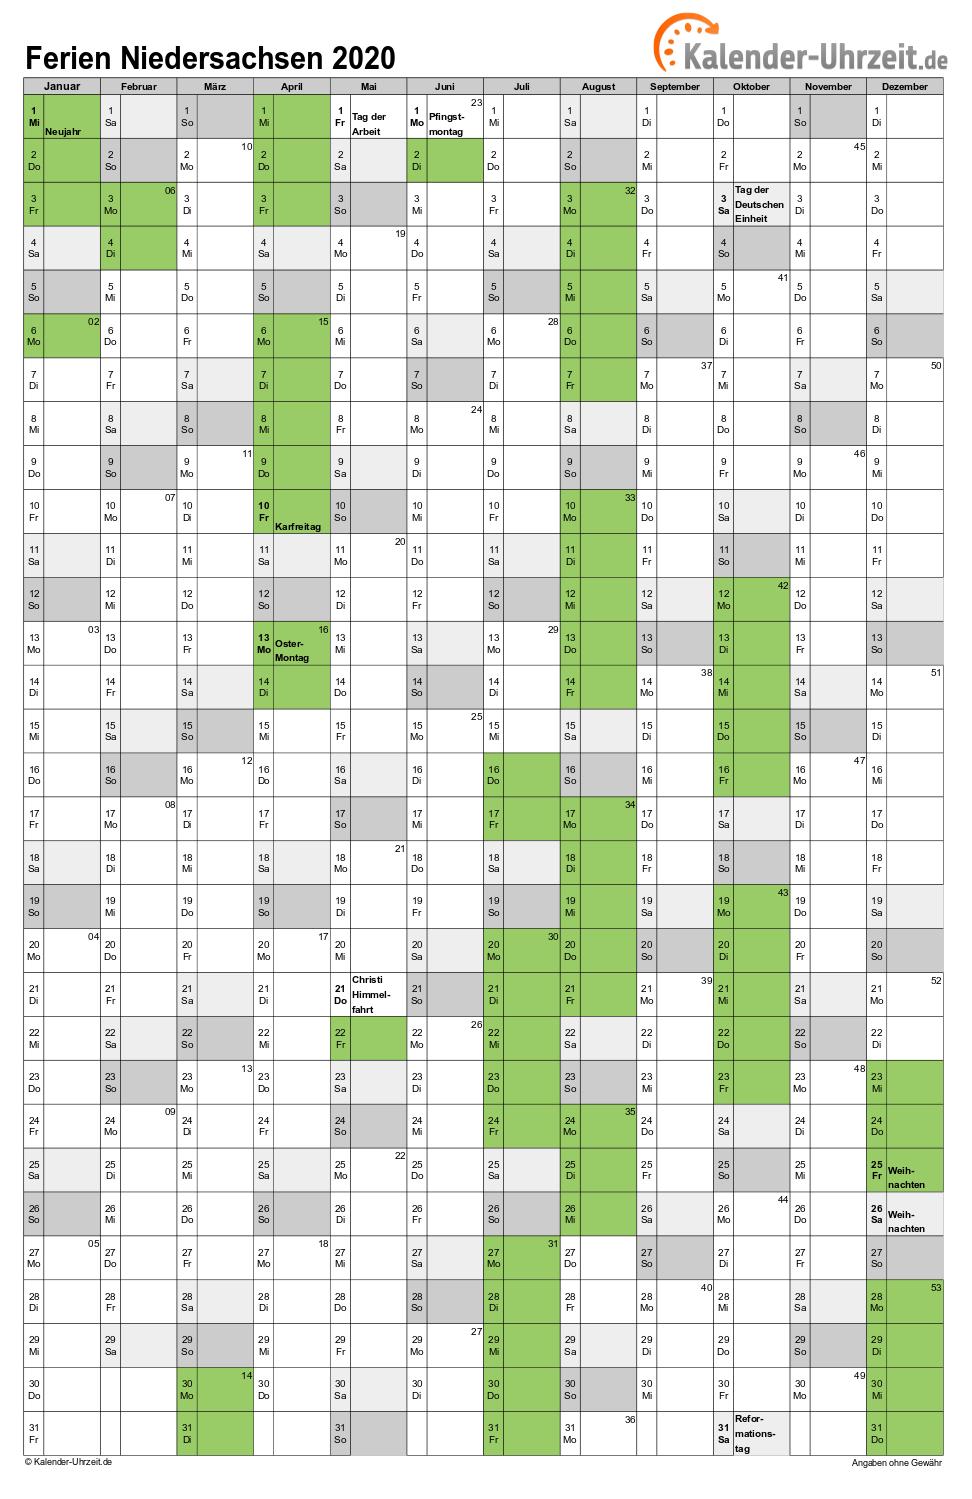 Ferien Niedersachsen 2020 Ferienkalender Zum Ausdrucken